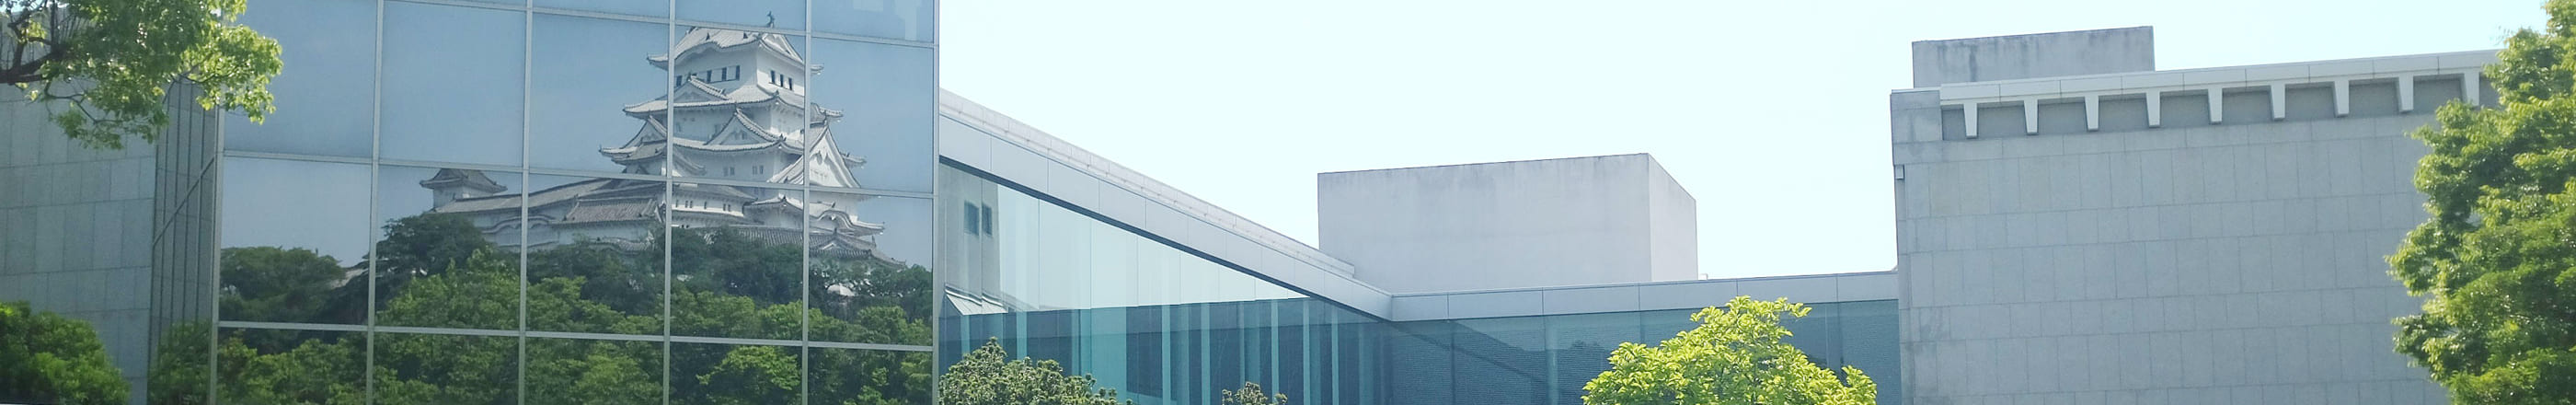 当館の外観イメージ画像です。